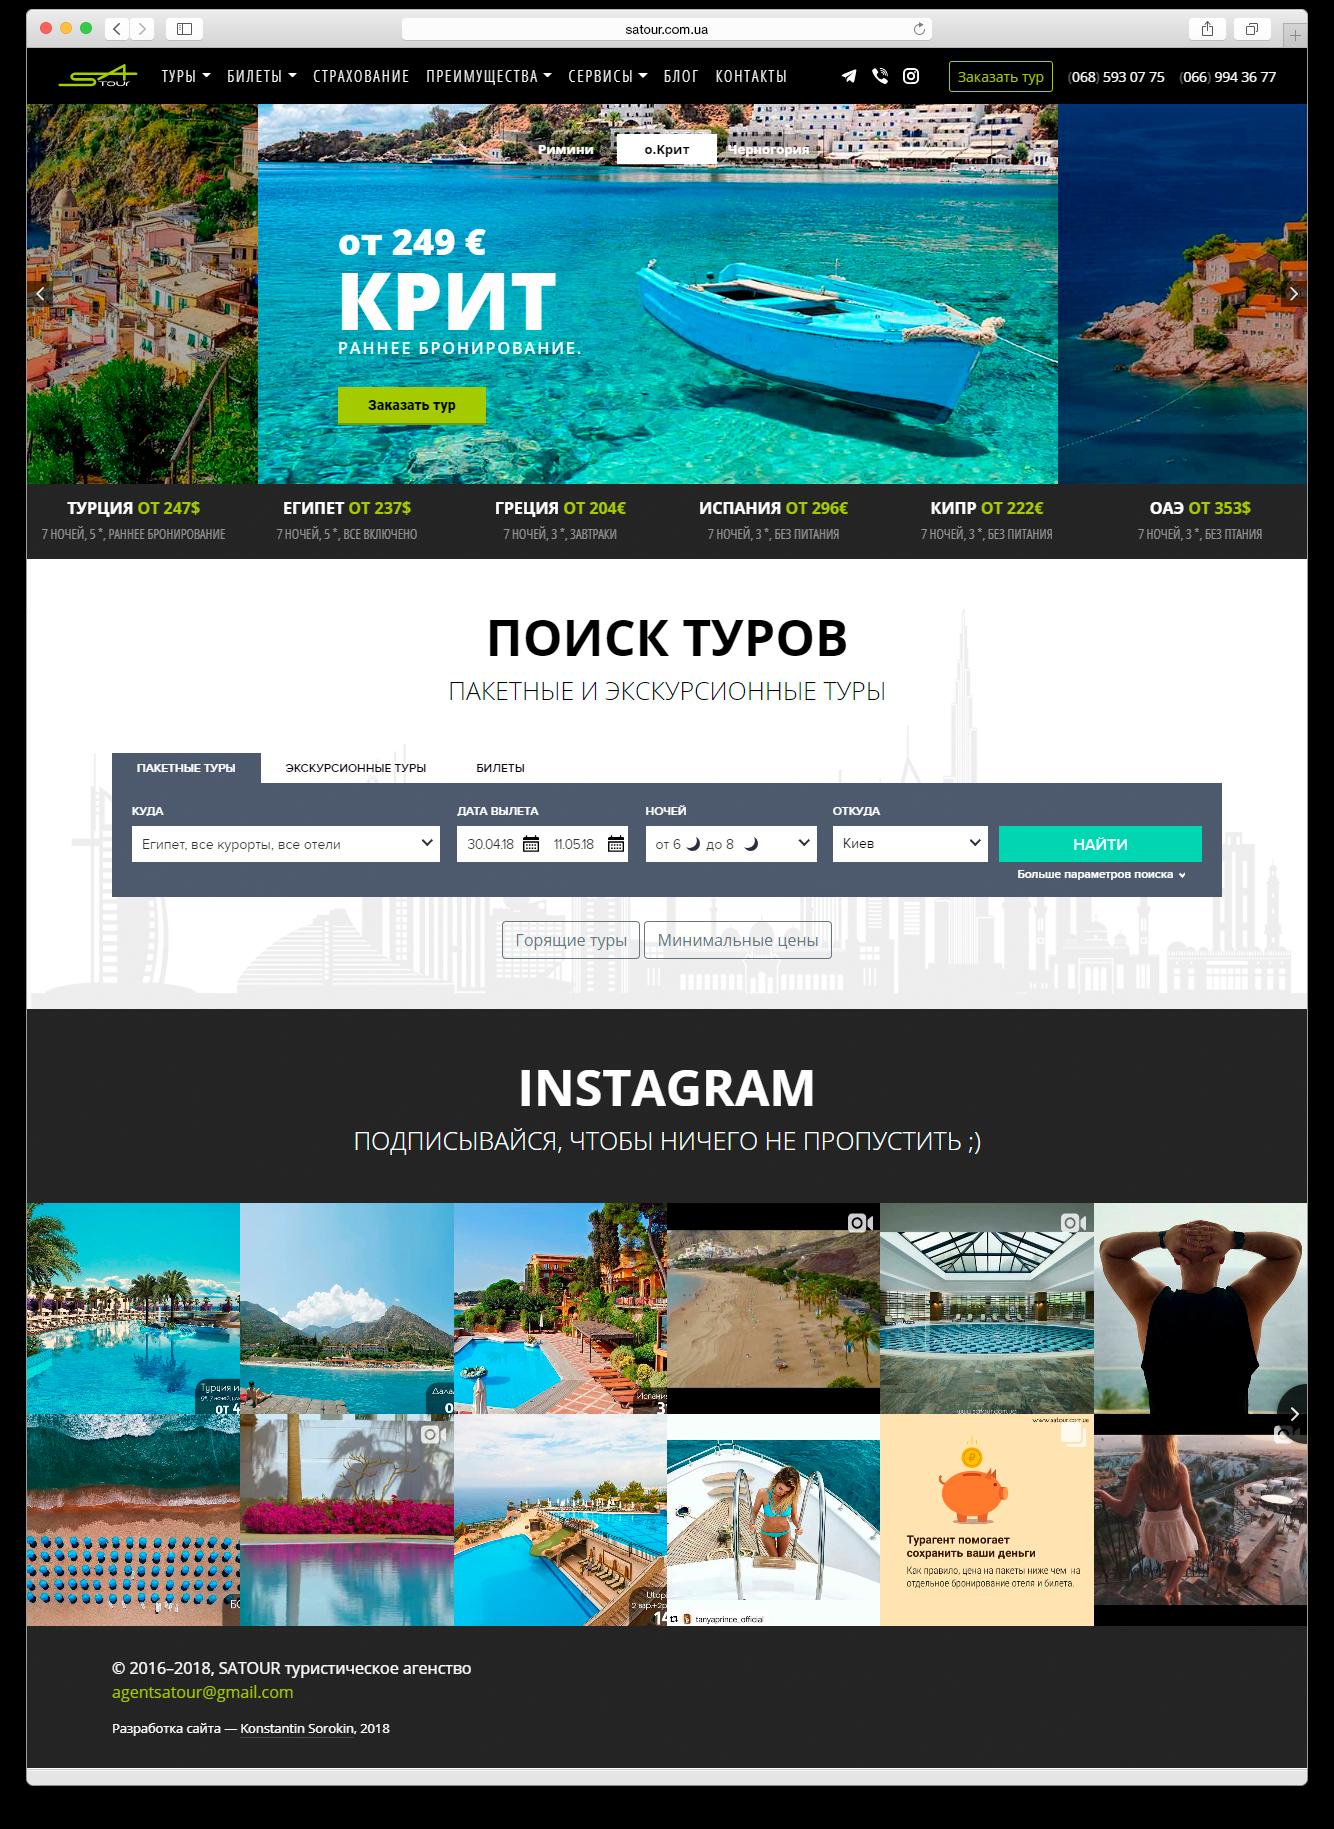 Сайт туристического агенства SATOUR — главная страница